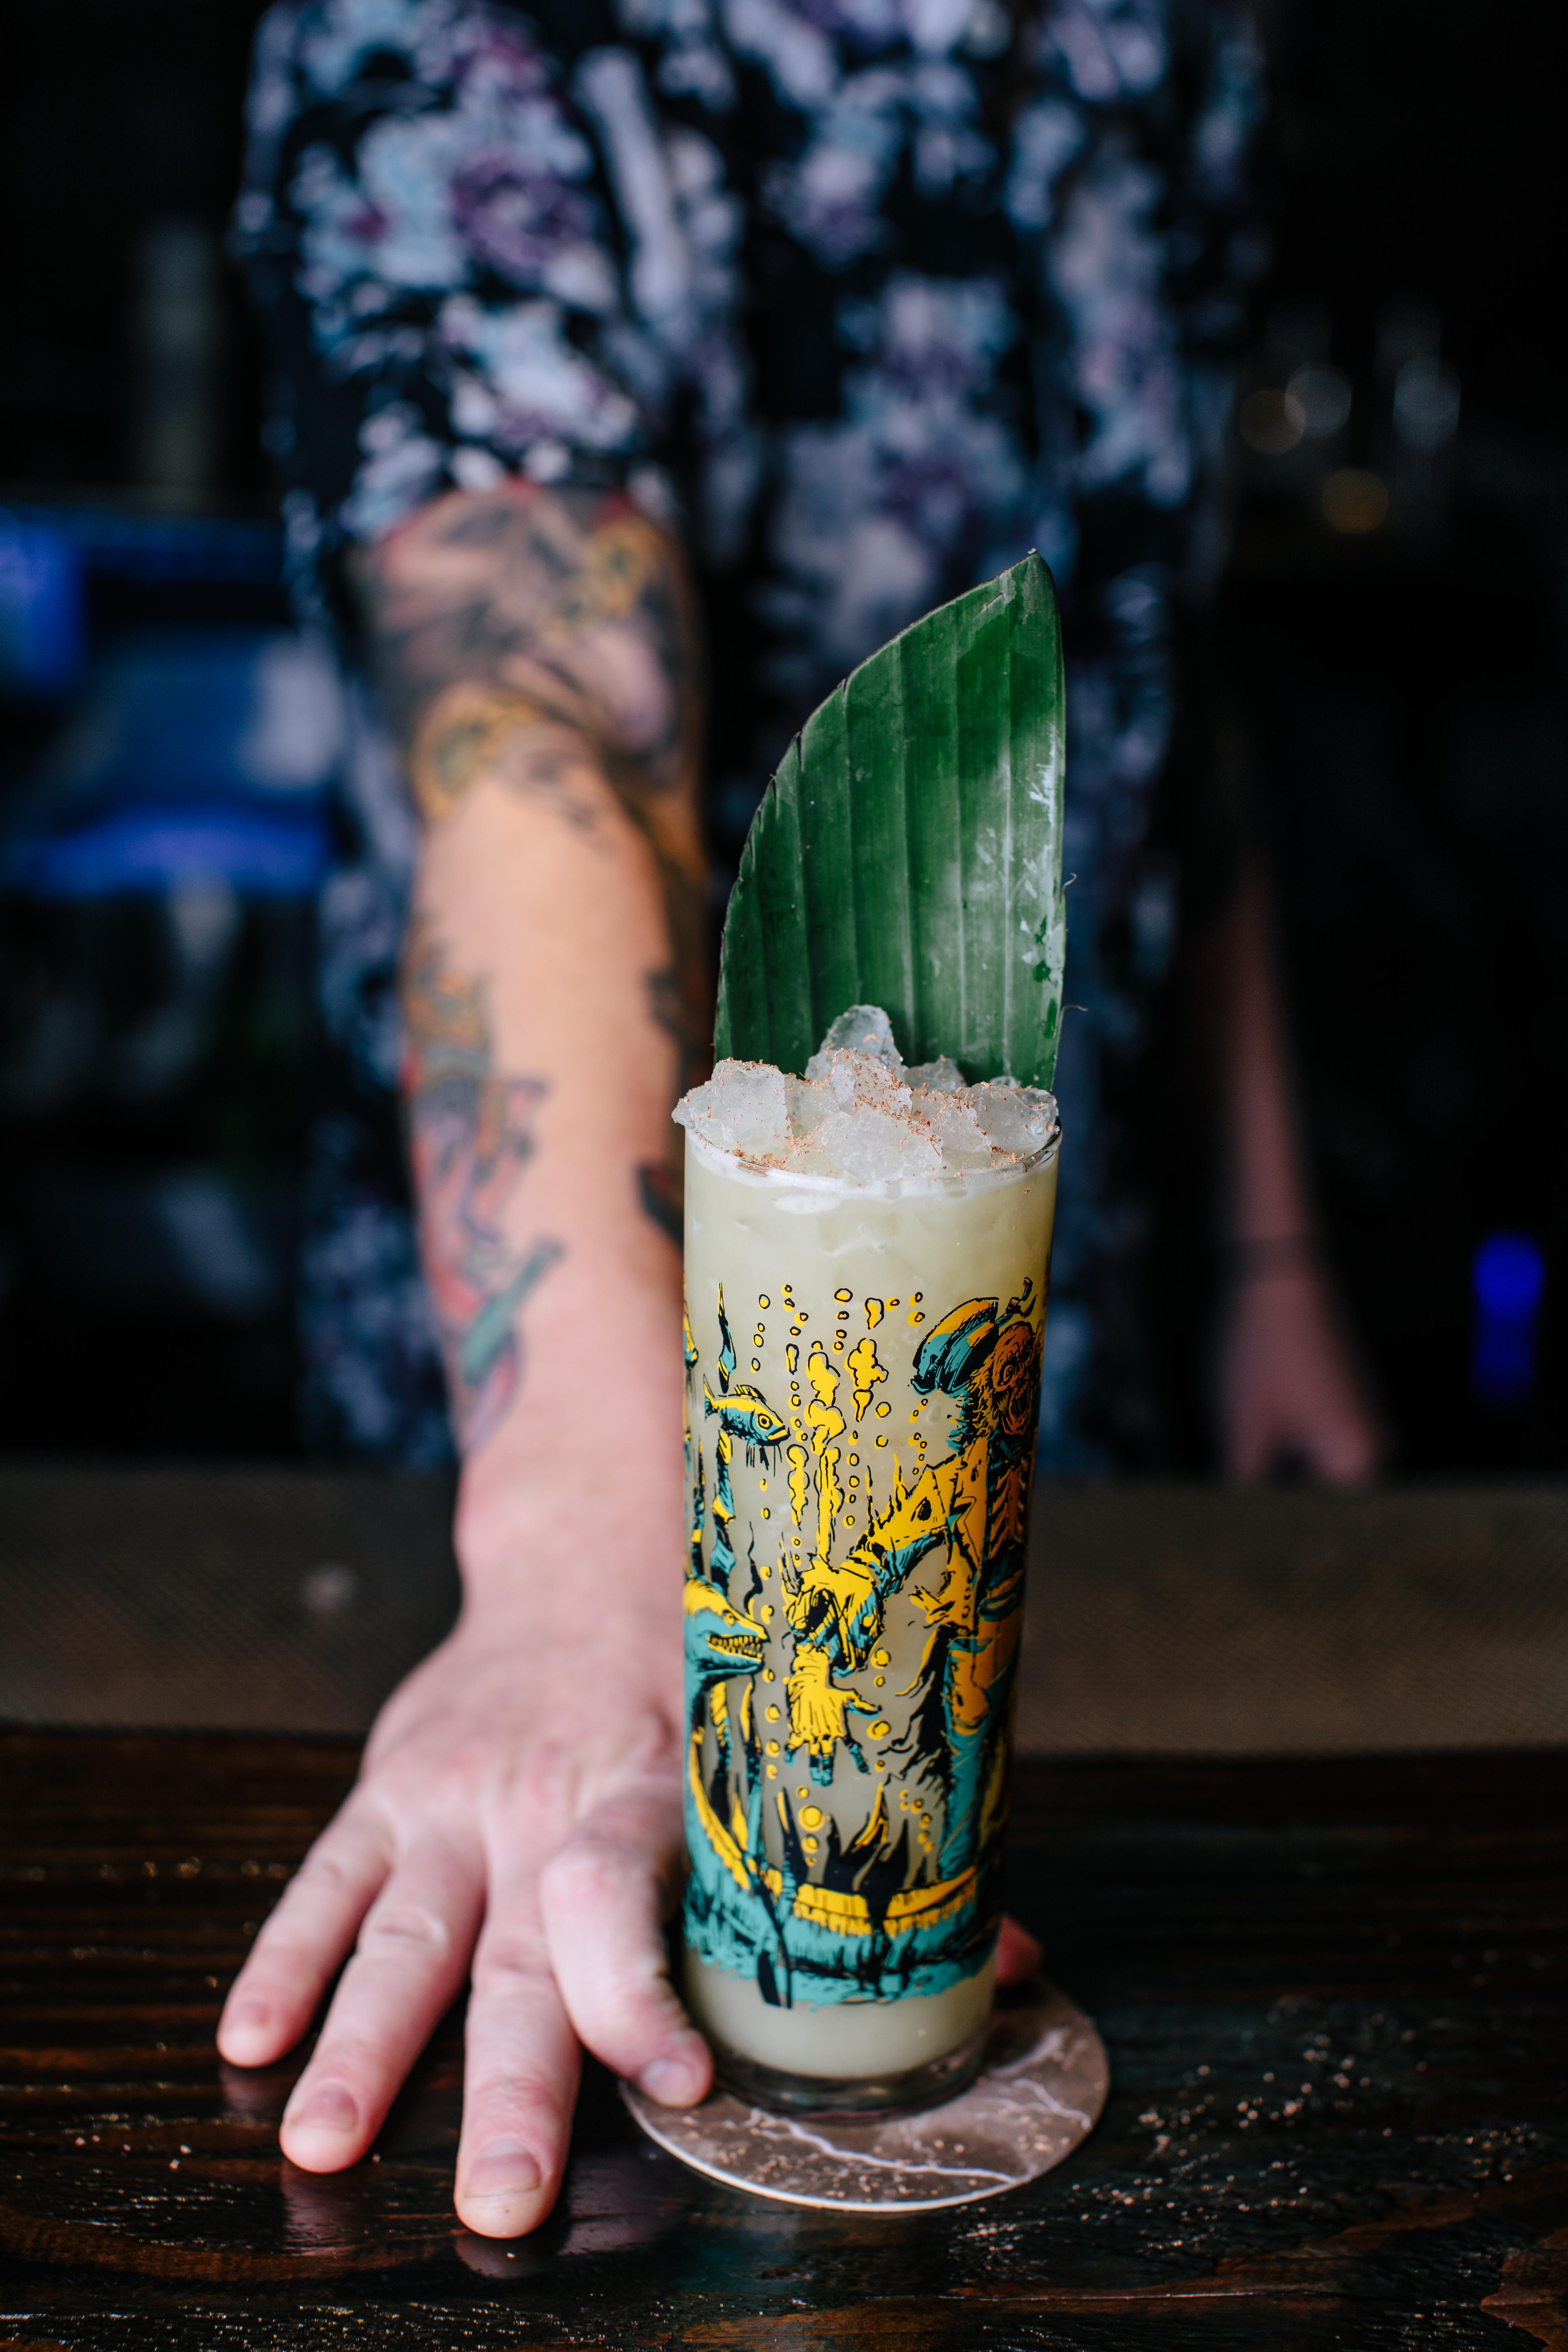 白色纹身的侍酒者推动一个朝向相机的大绿叶的Tiki鸡尾酒。